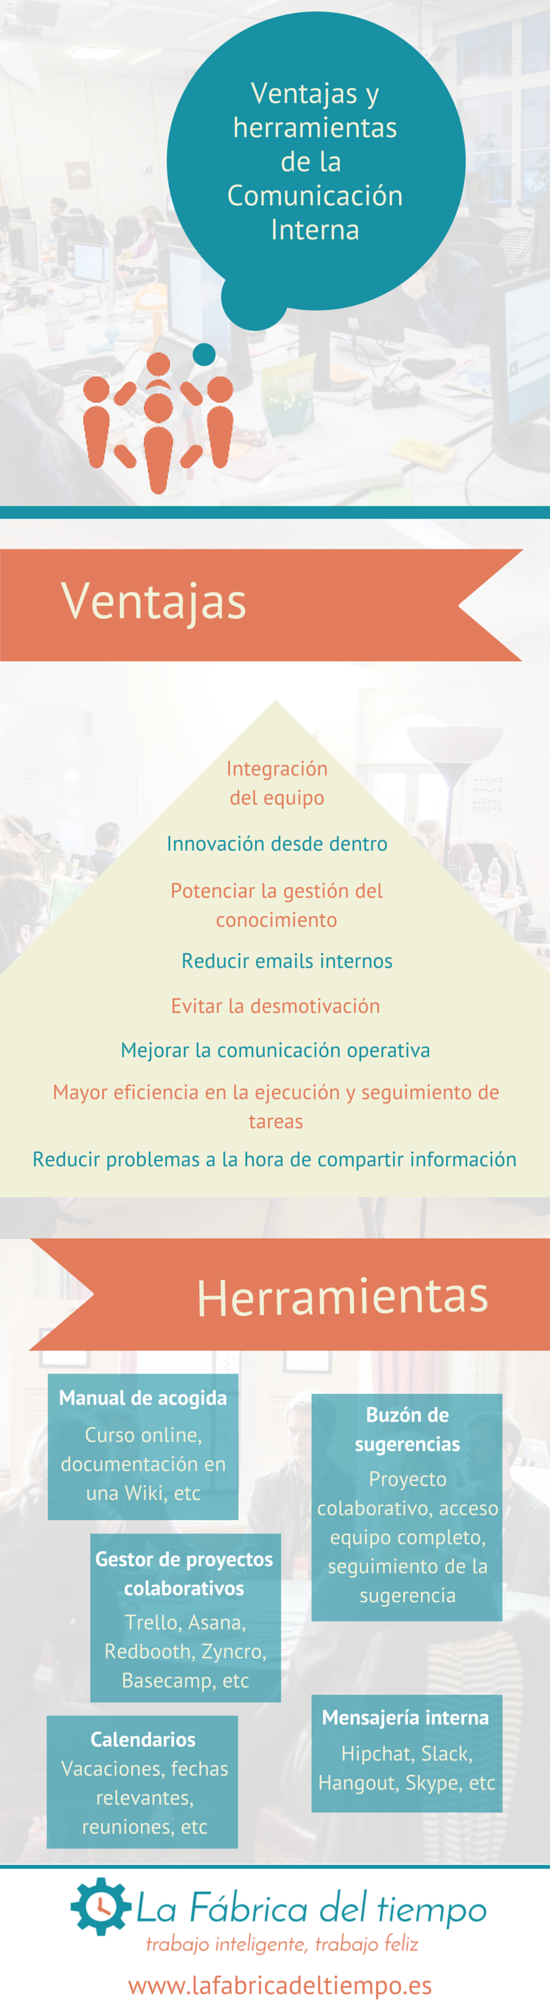 Ventajas y herramientas de la comunicación interna